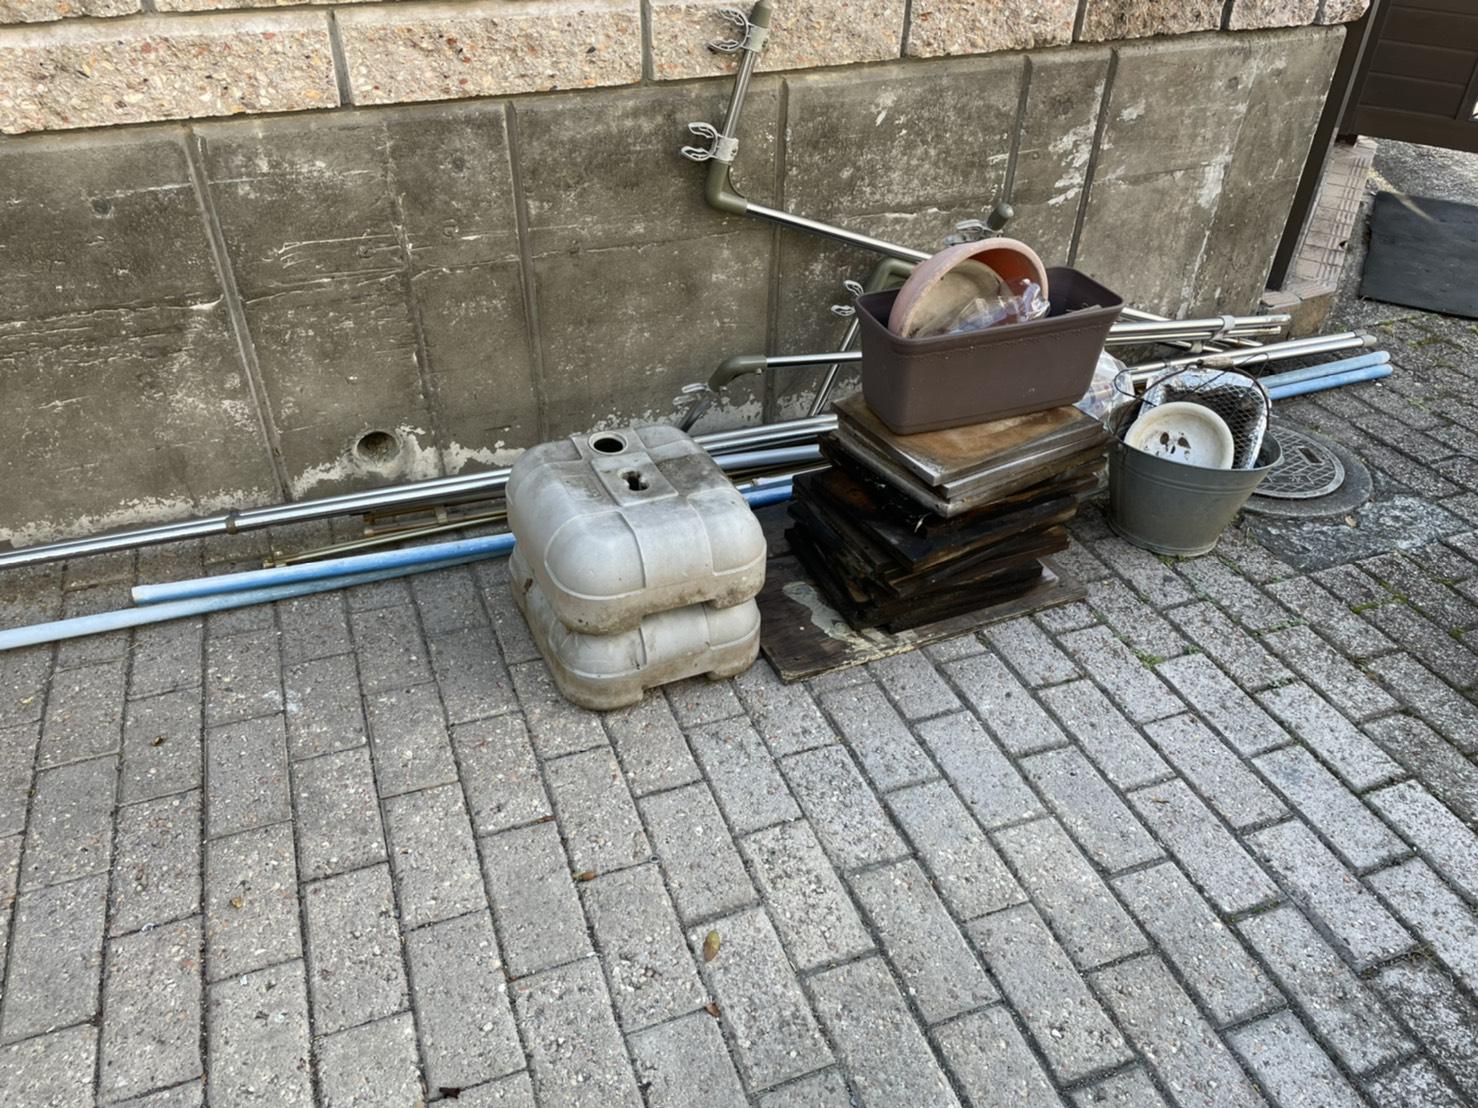 タンク、支柱などの不用品の回収前